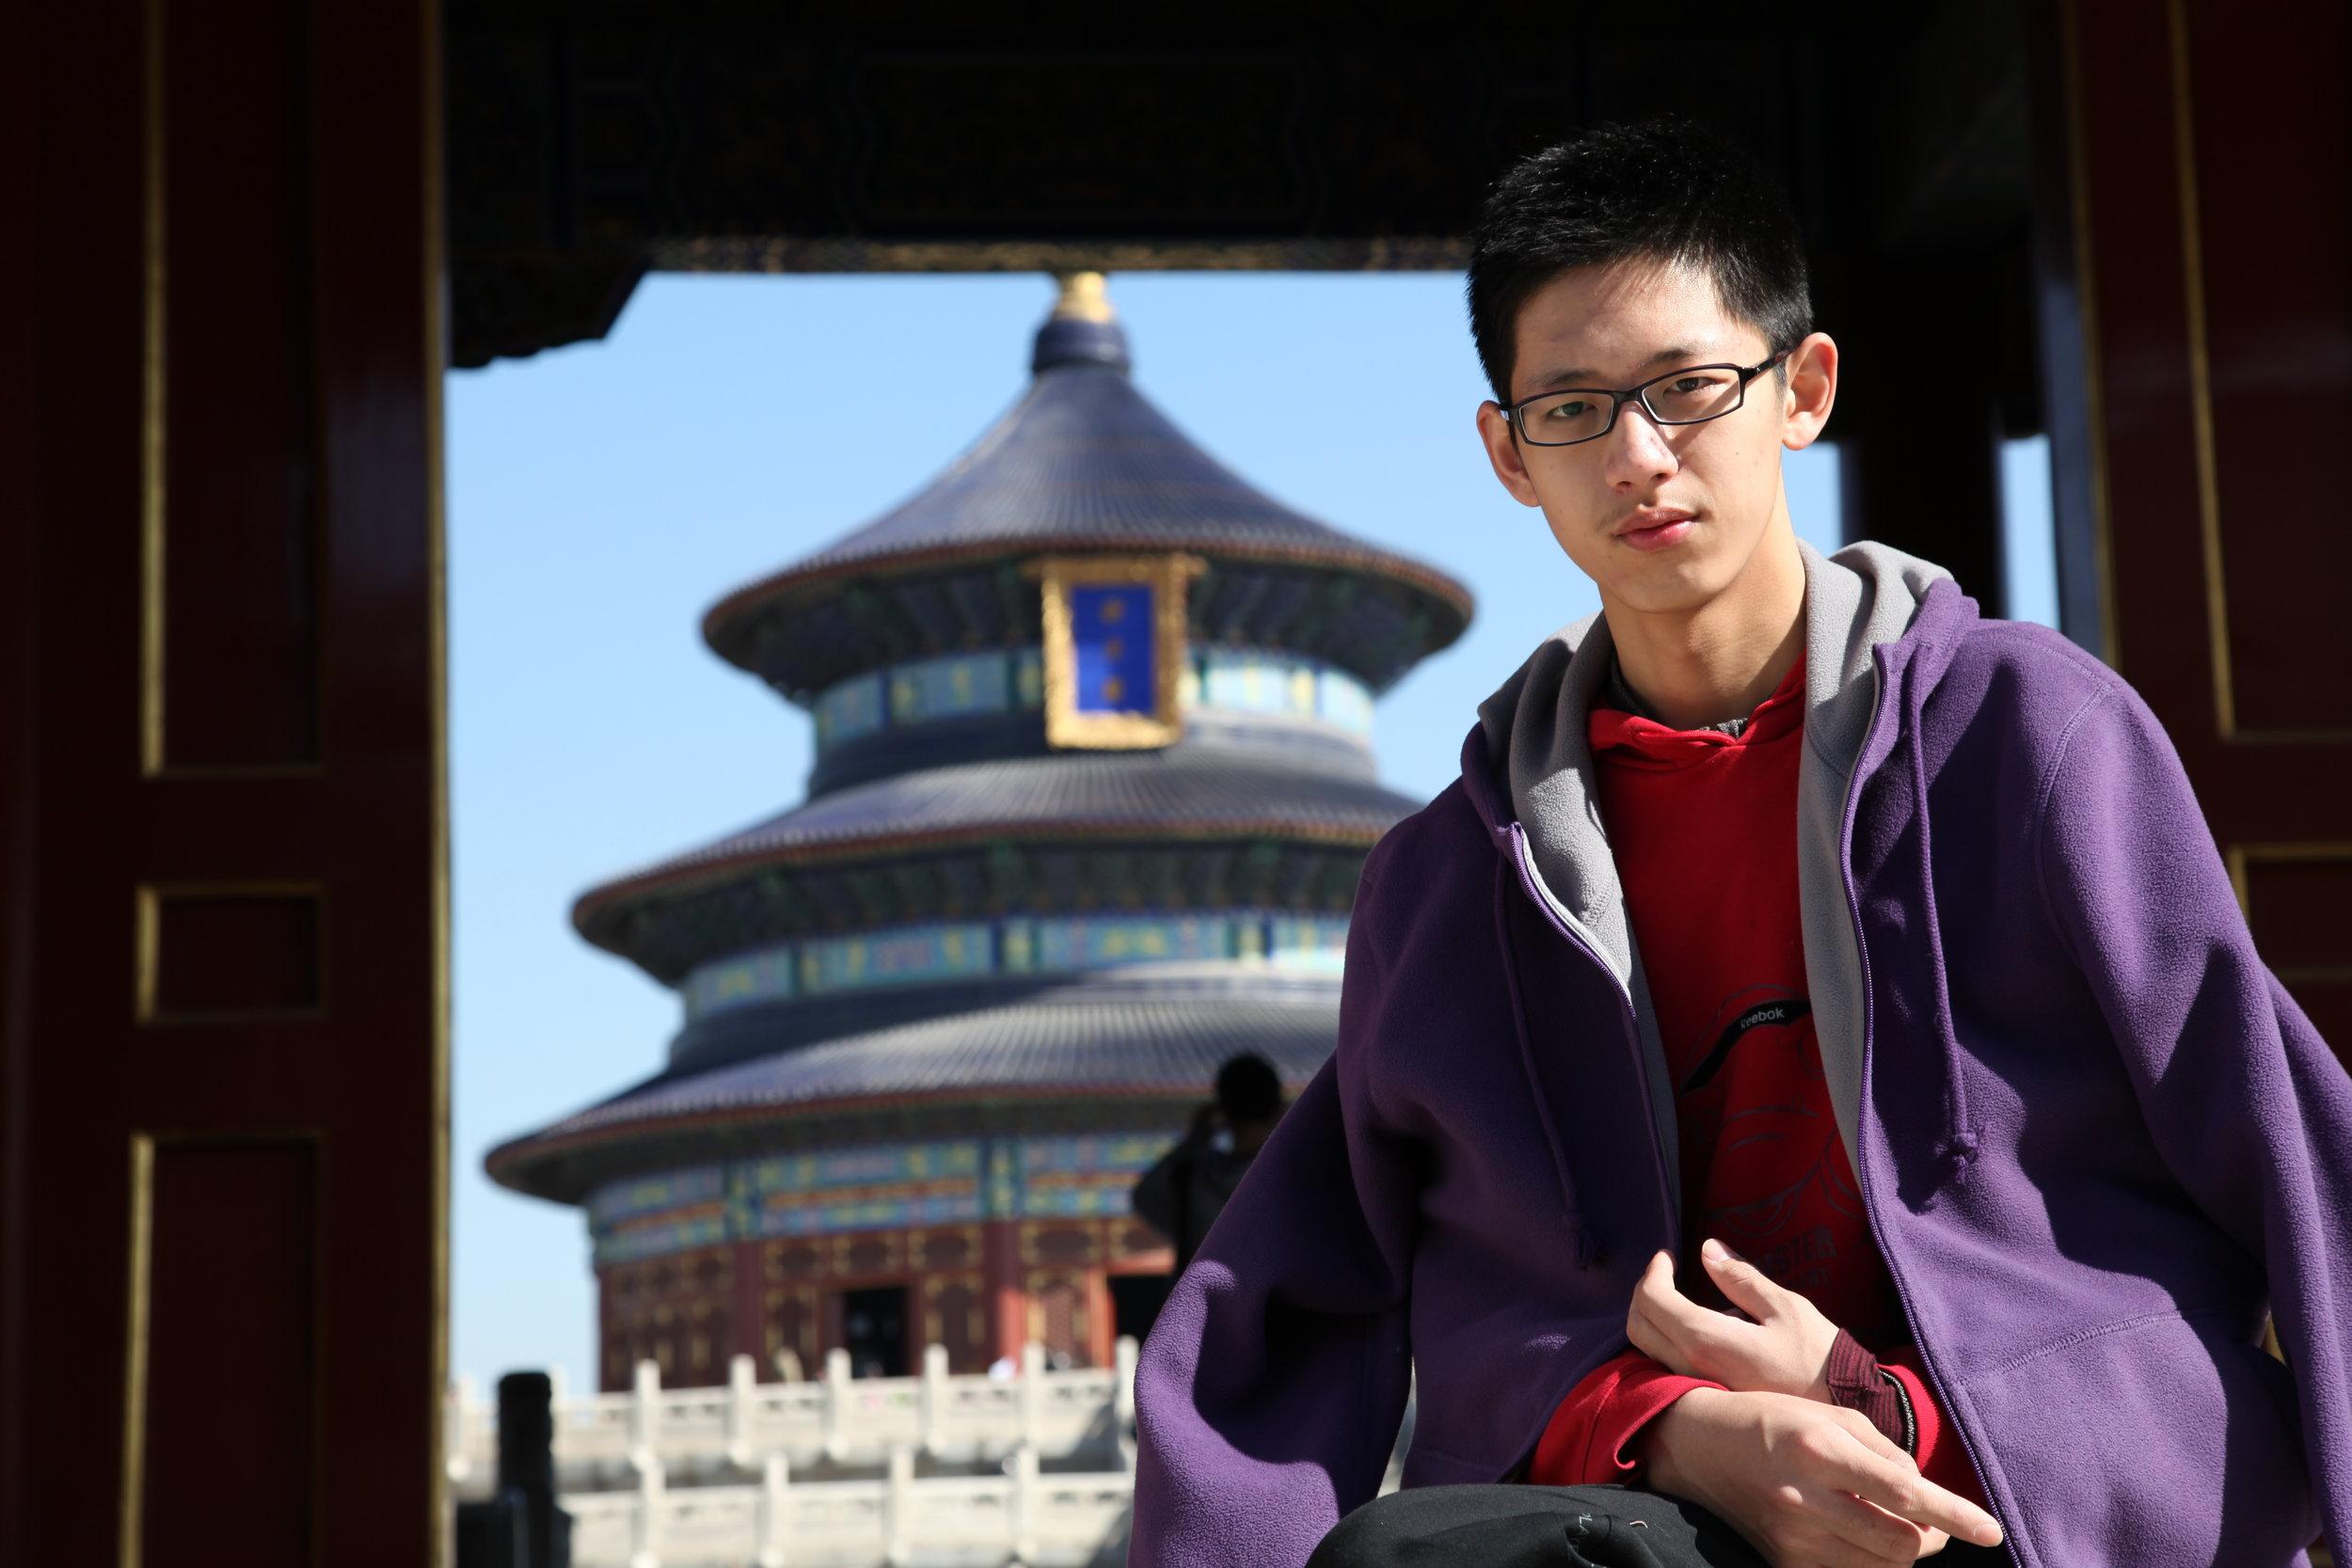 照片 002 - Boxin Qiao.jpg